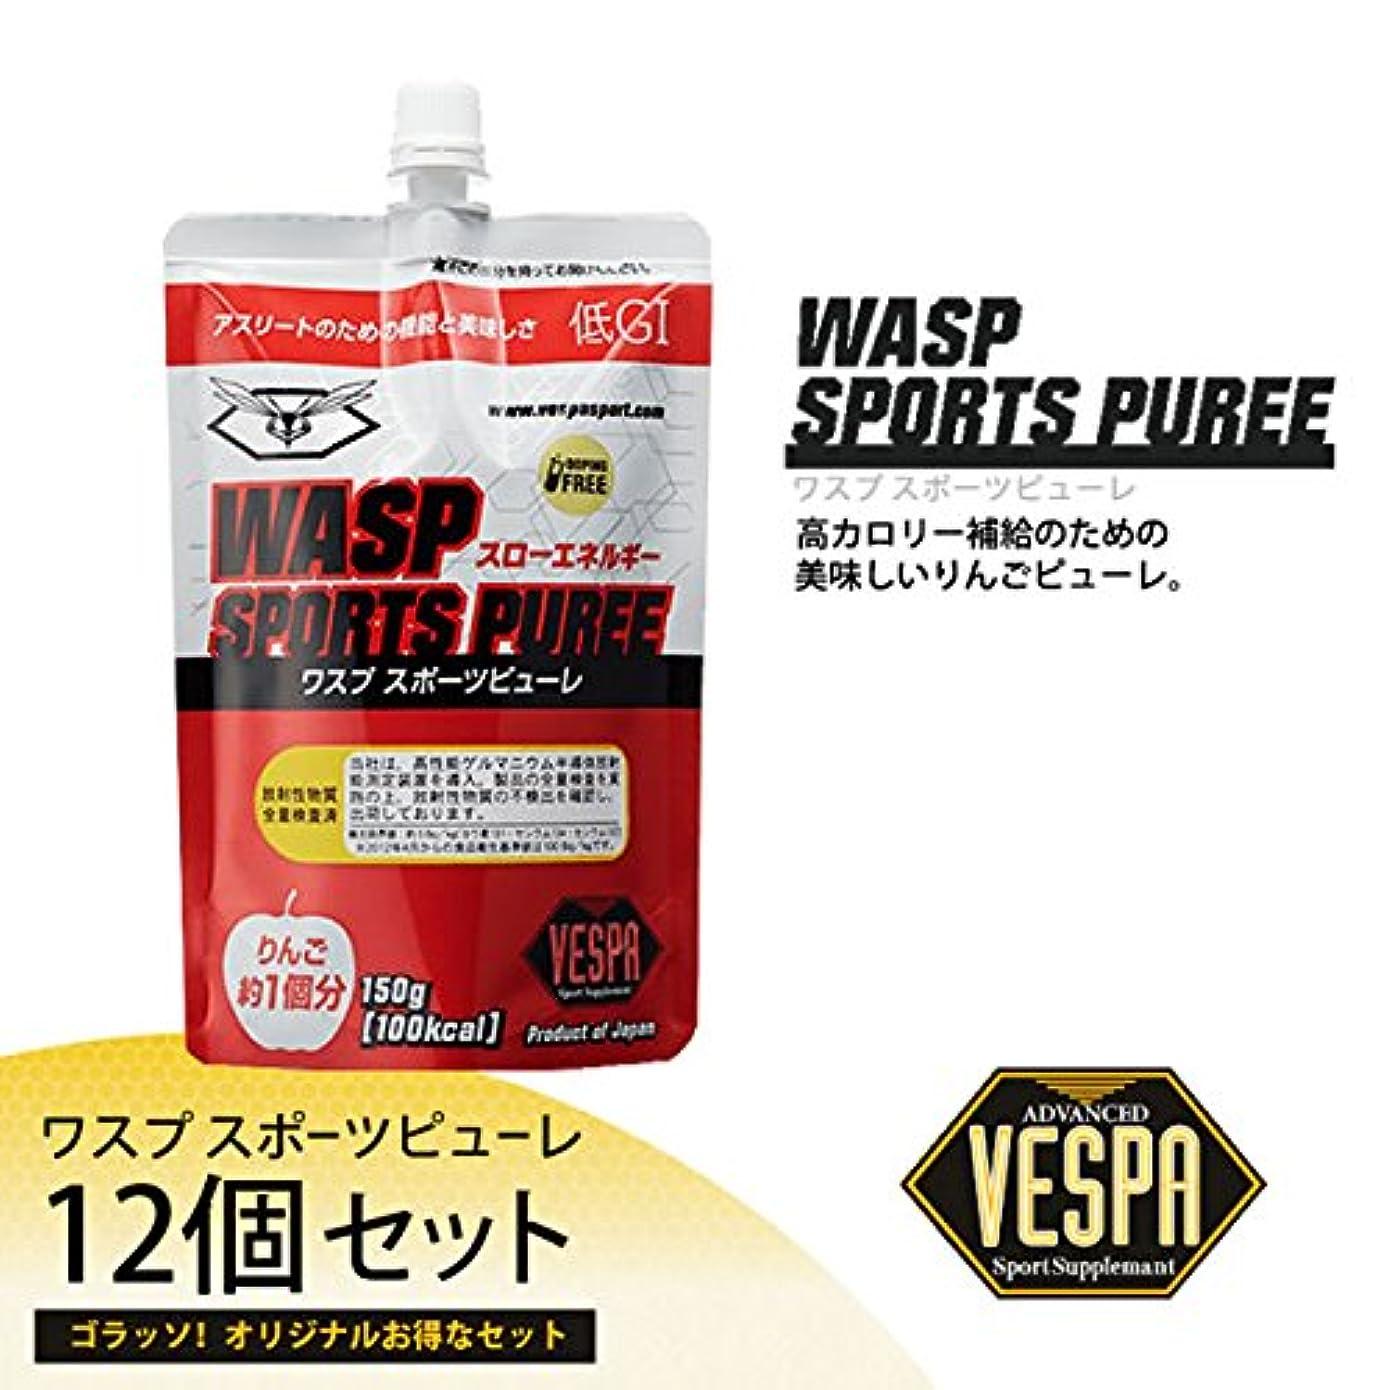 癒す一見事実VESPA(べスパ) WASP SPORTS PUREE(ワスプ スポーツピューレ) 150ml ×12個